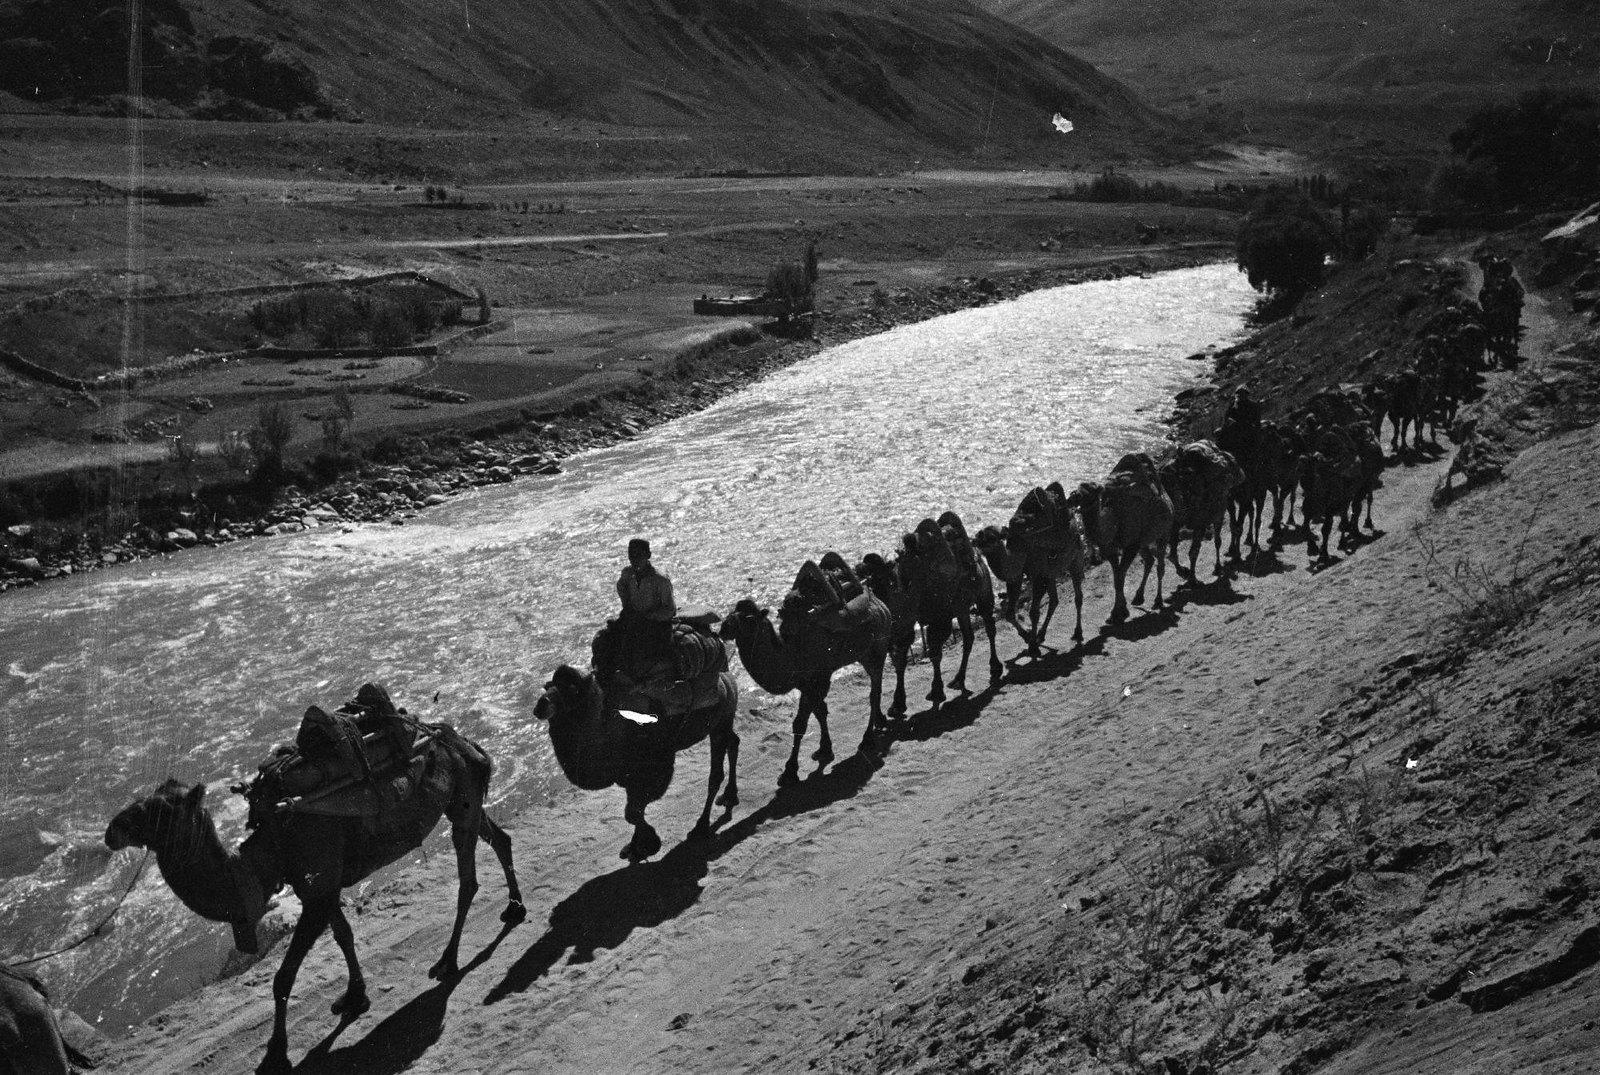 1937. Памирская трасса. Караван идет вдоль реки